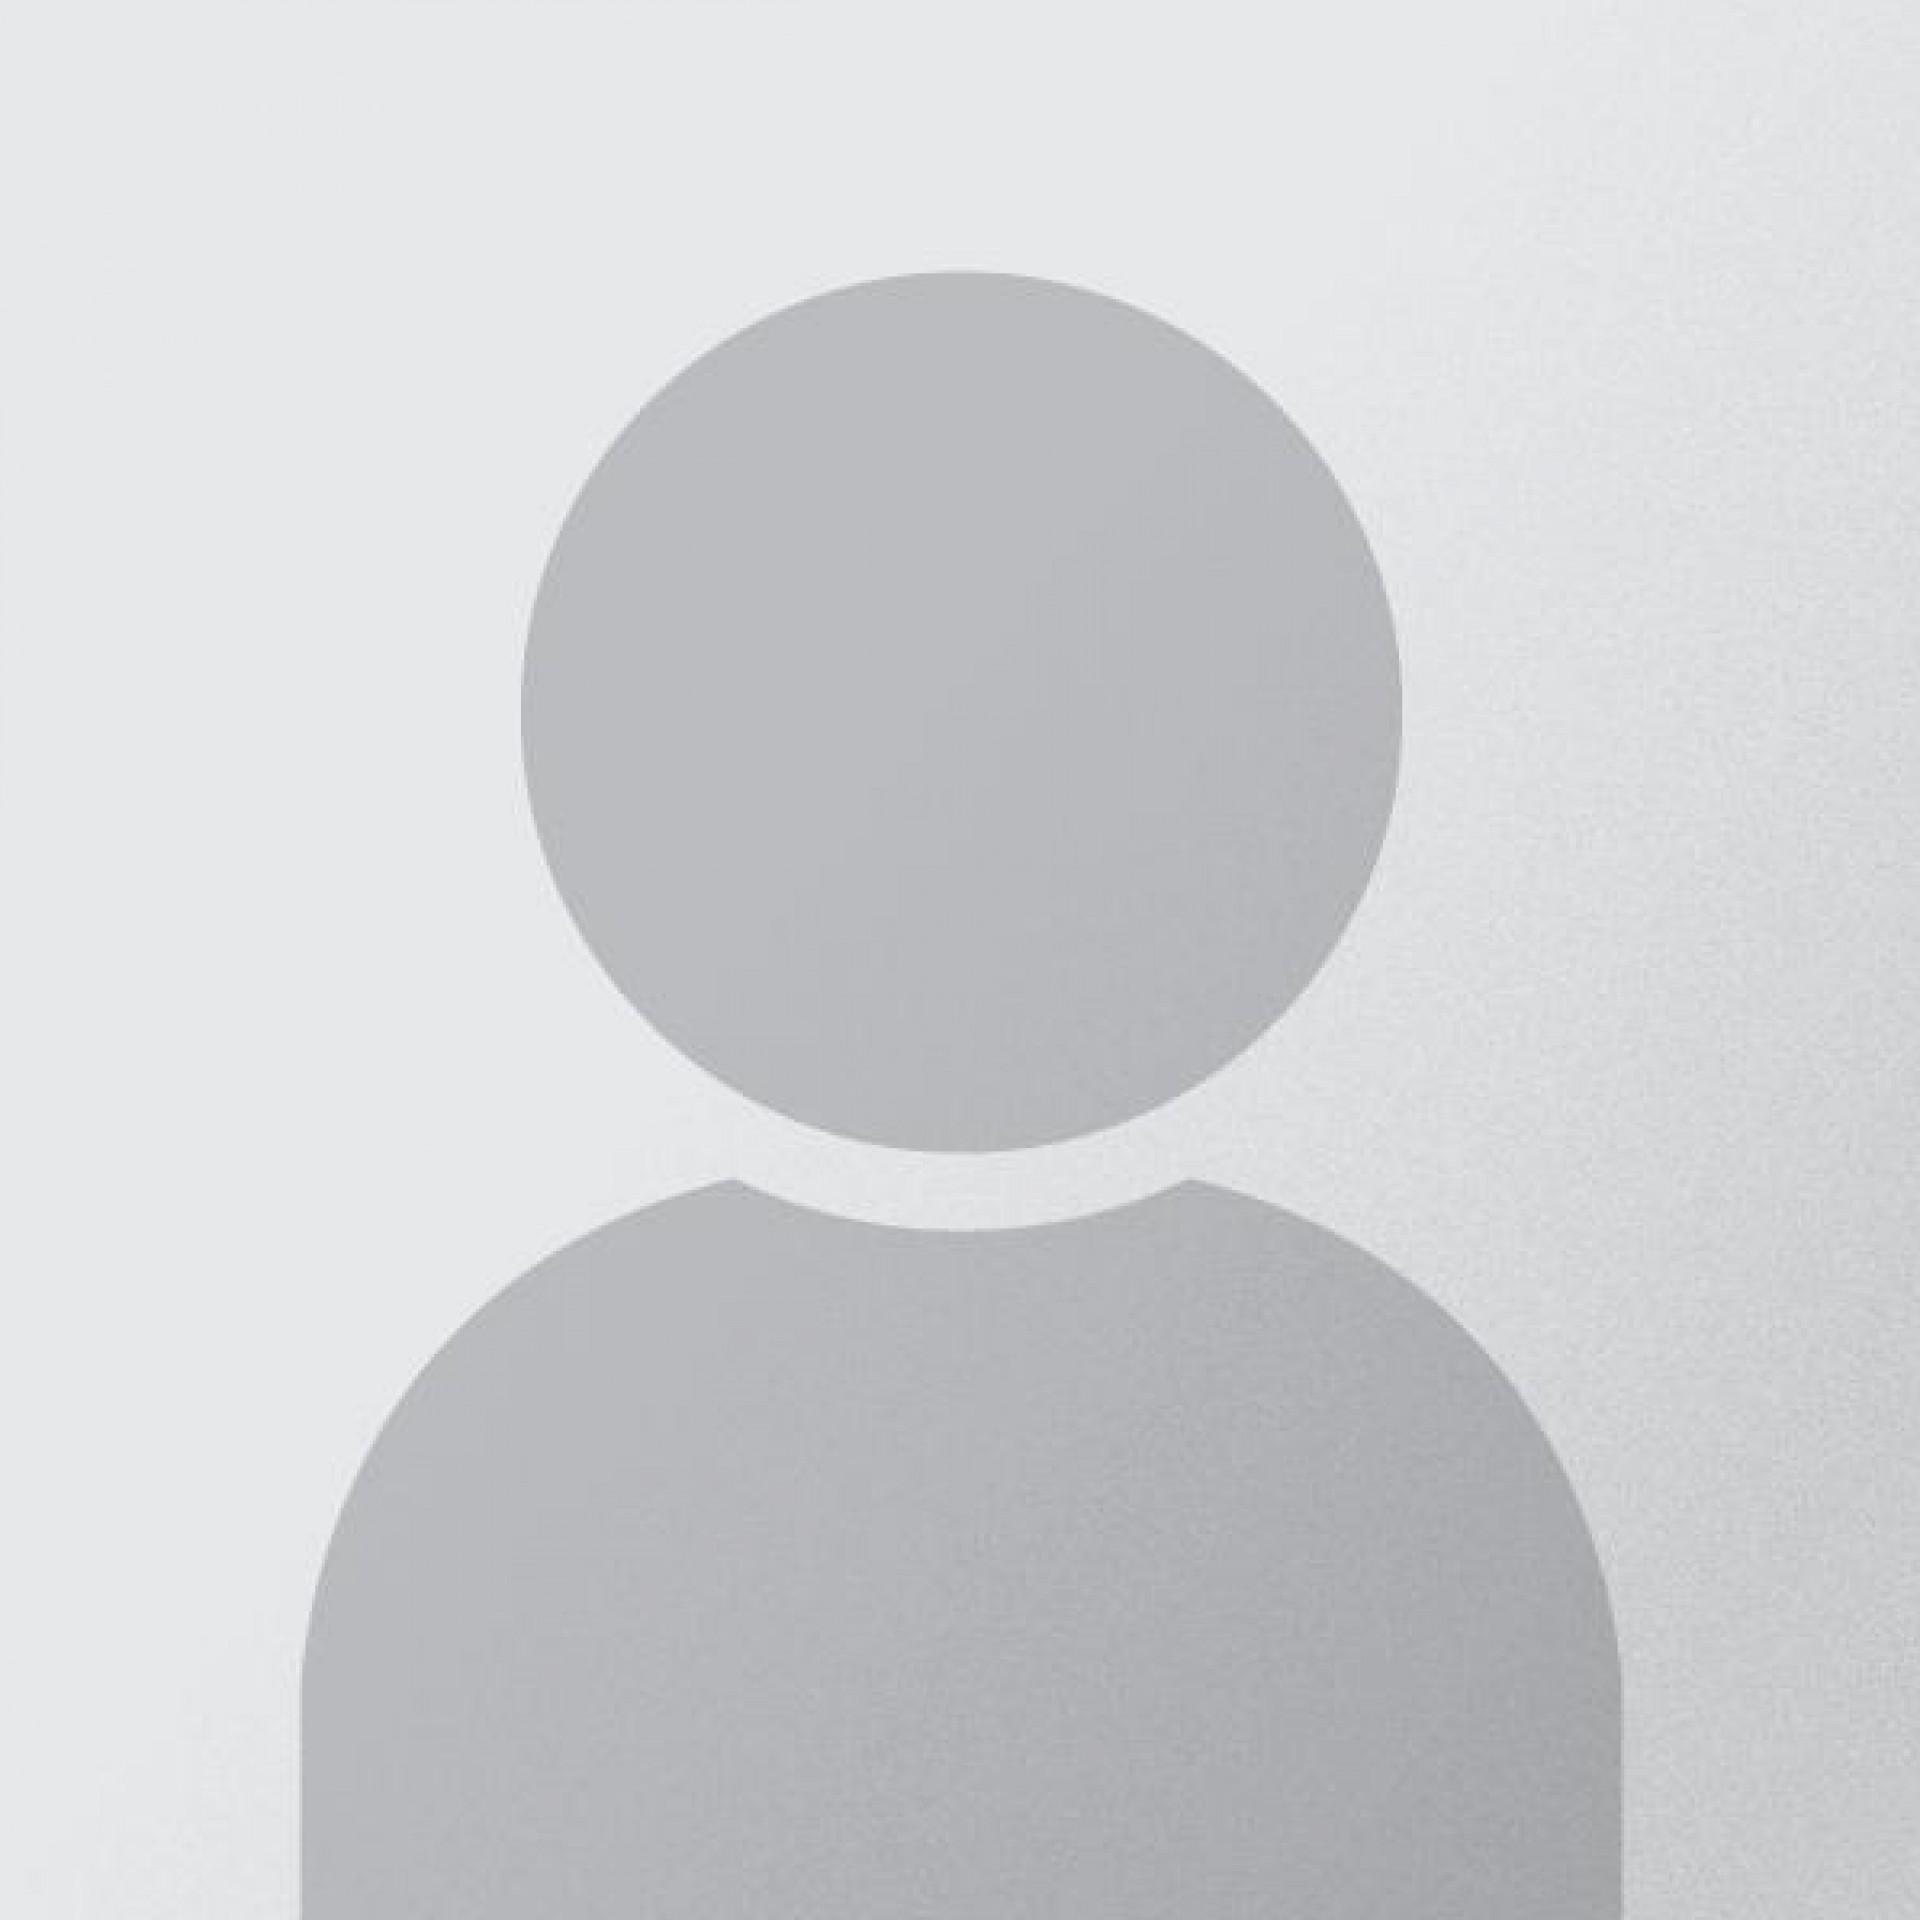 fotografia p021 profilu 0102U8UVFQ